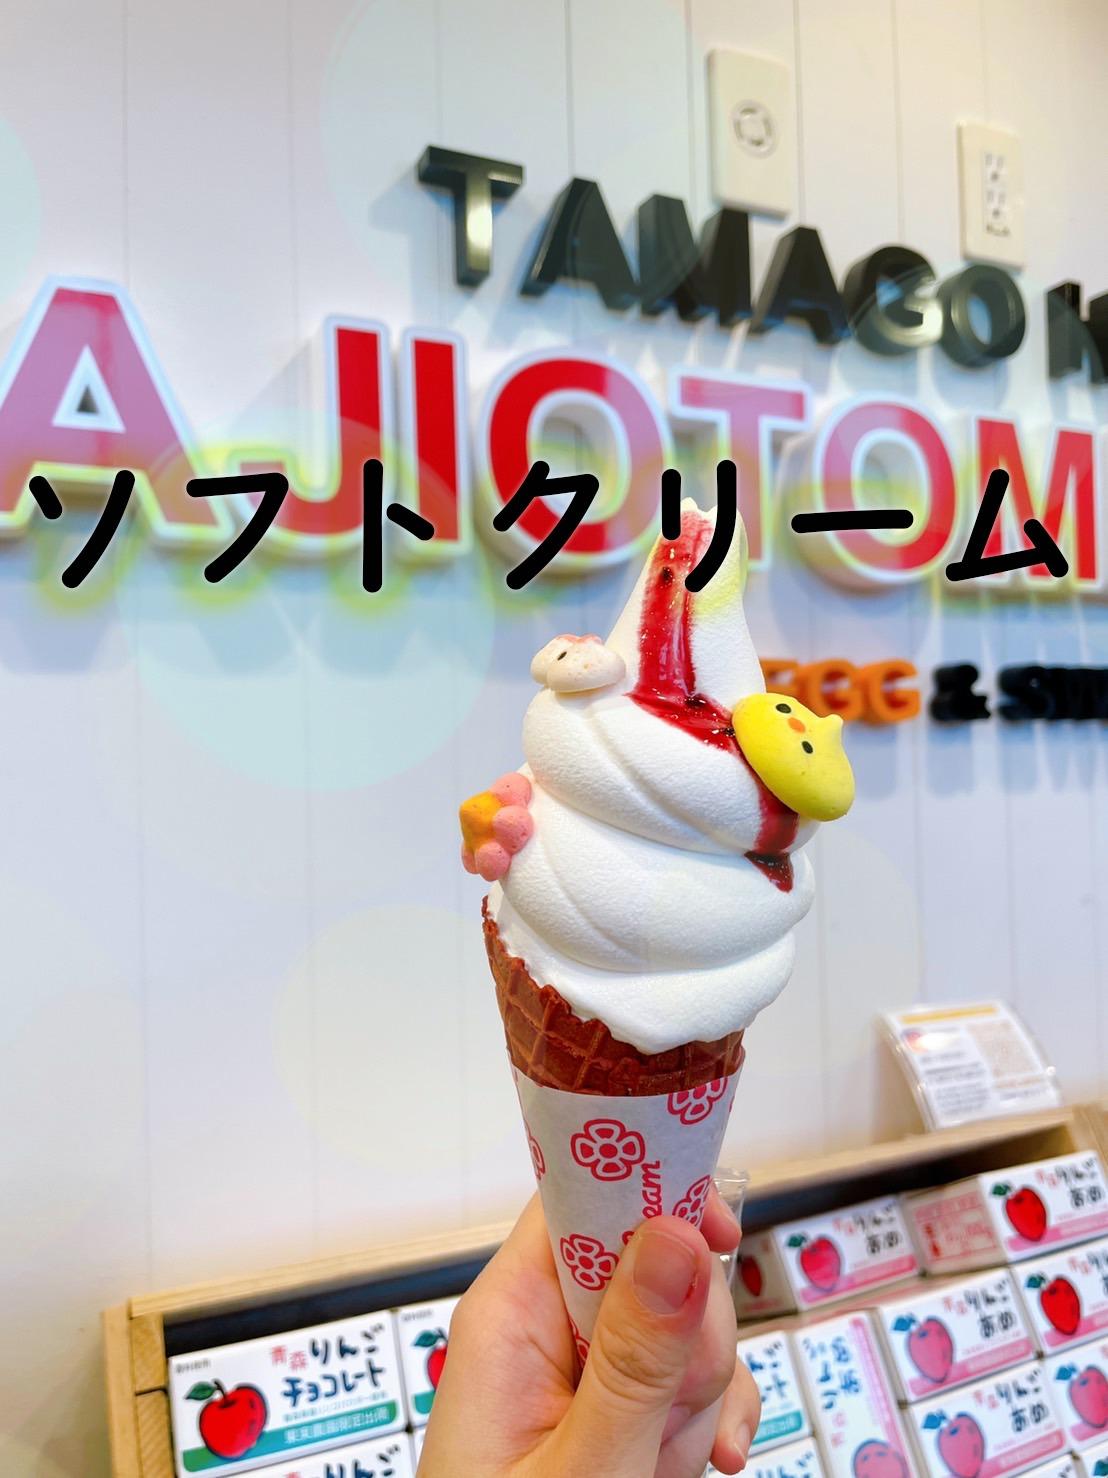 青森県内で他にはない!? ちょっと変わったソフトクリーム食べ比べ♡